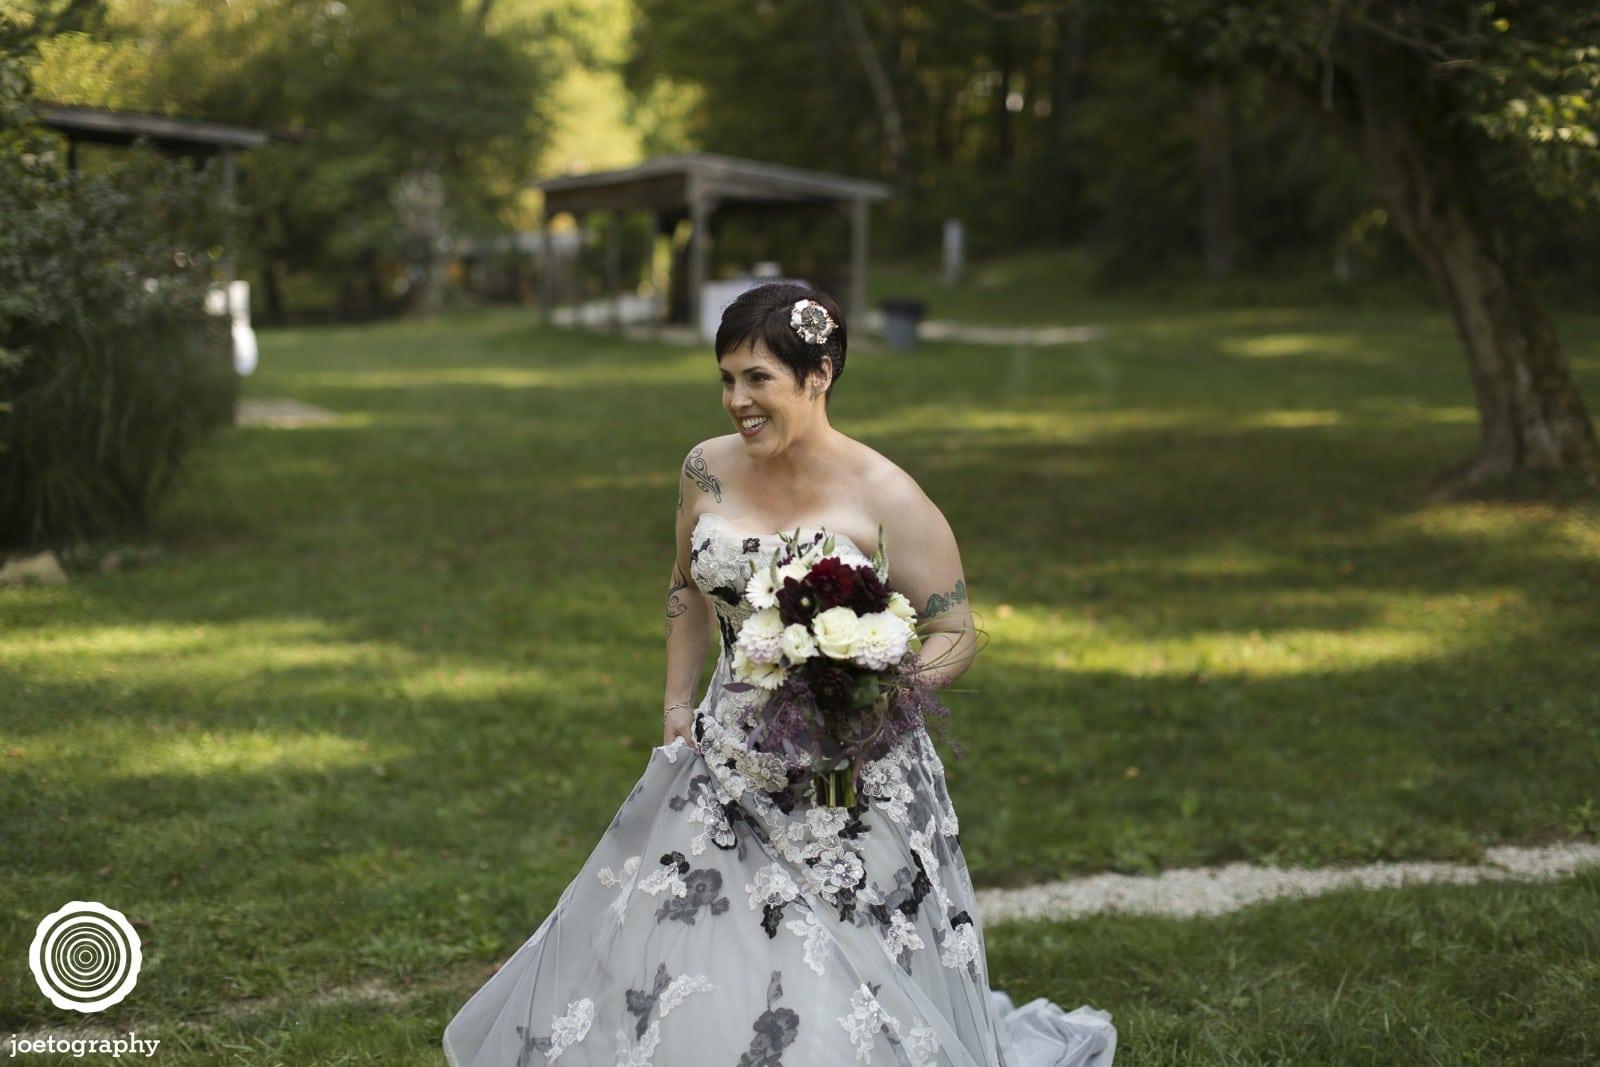 wedding-photography-story-indiana-27